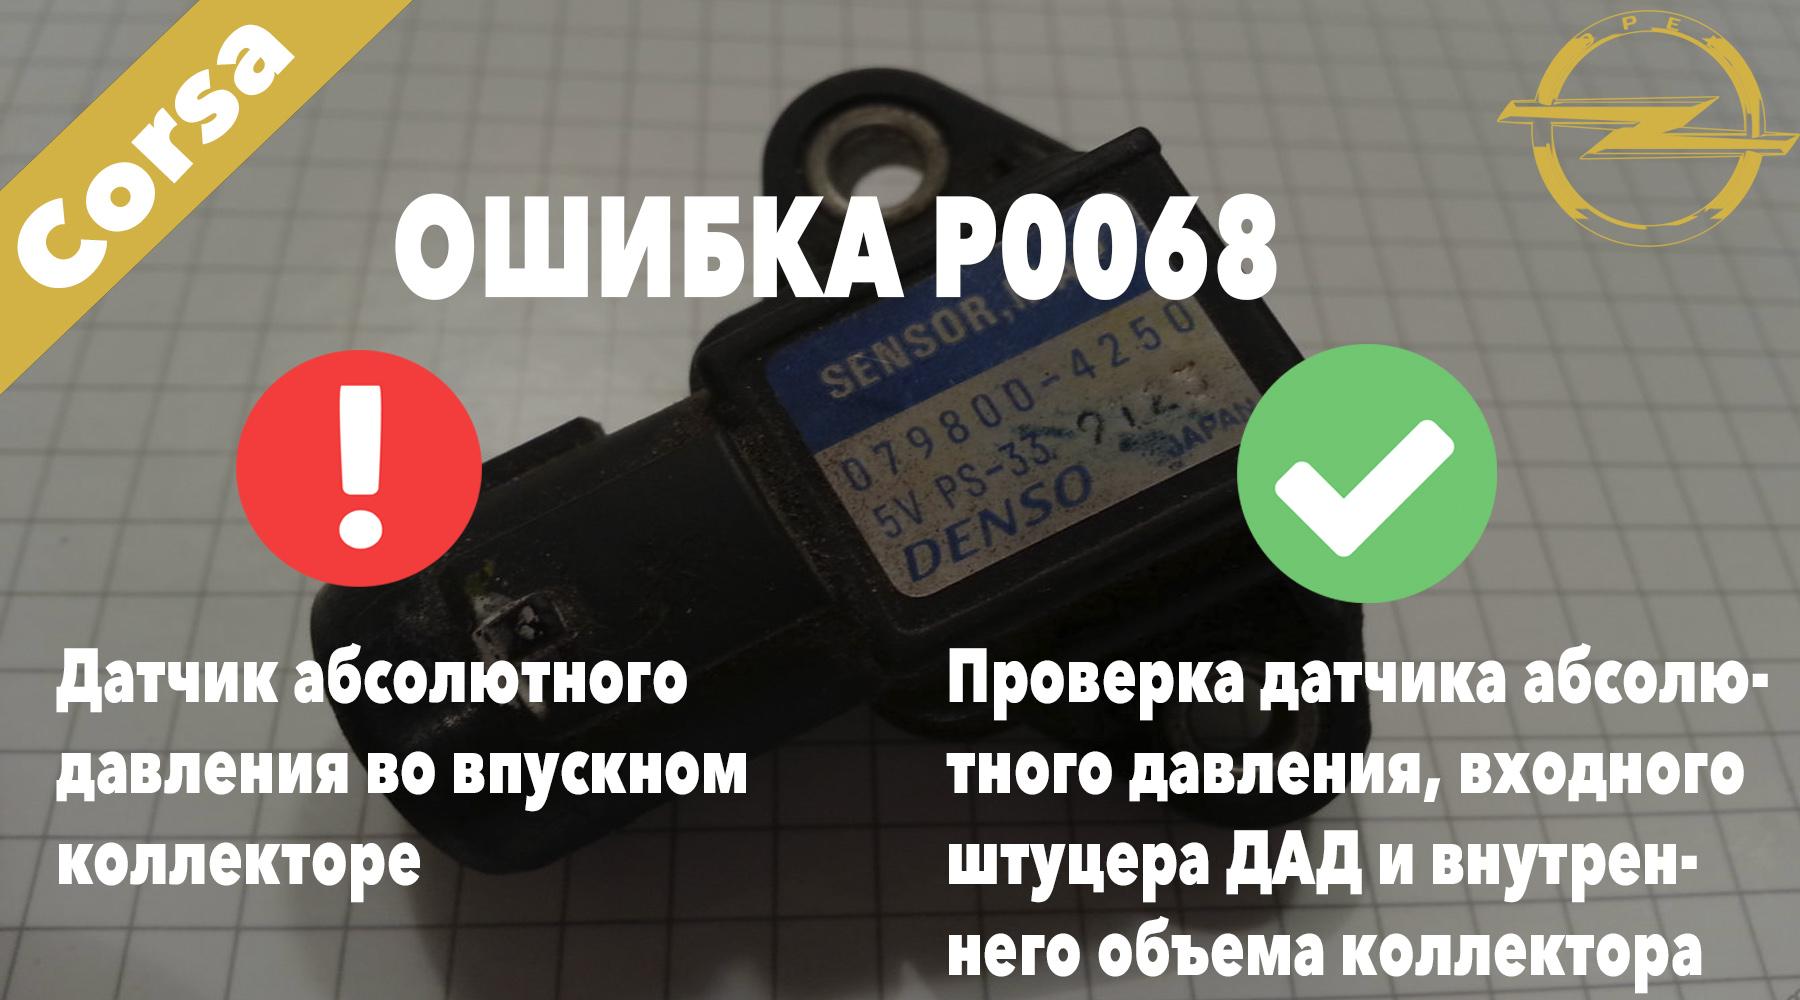 Опель Корса код ошибки P0068 – датчик абсолютного давления во впускном коллекторе